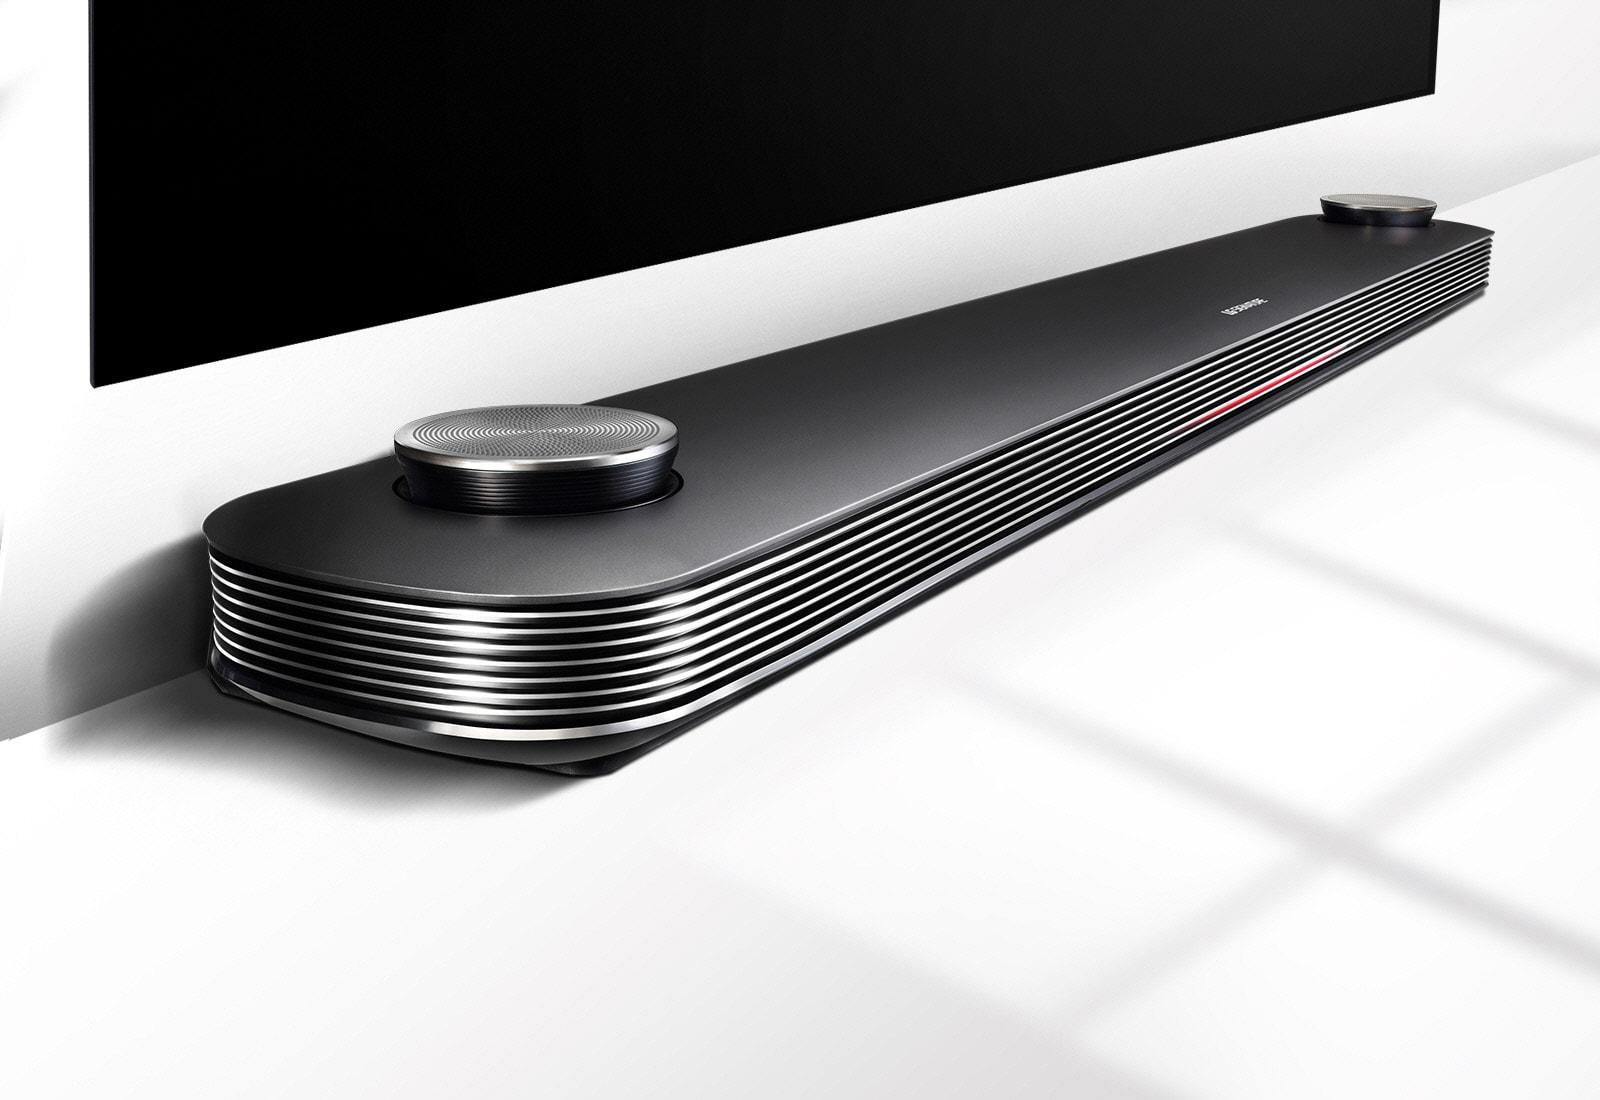 ลำโพงแบบ Up-Firing ที่แมชท์กับ OLED TV